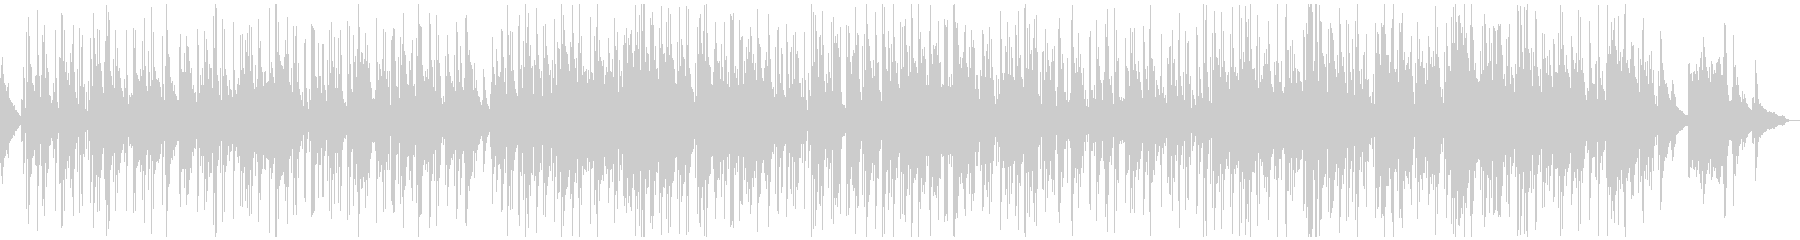 夜の渋くユルいおしゃれなピアノボサノバの未再生の波形